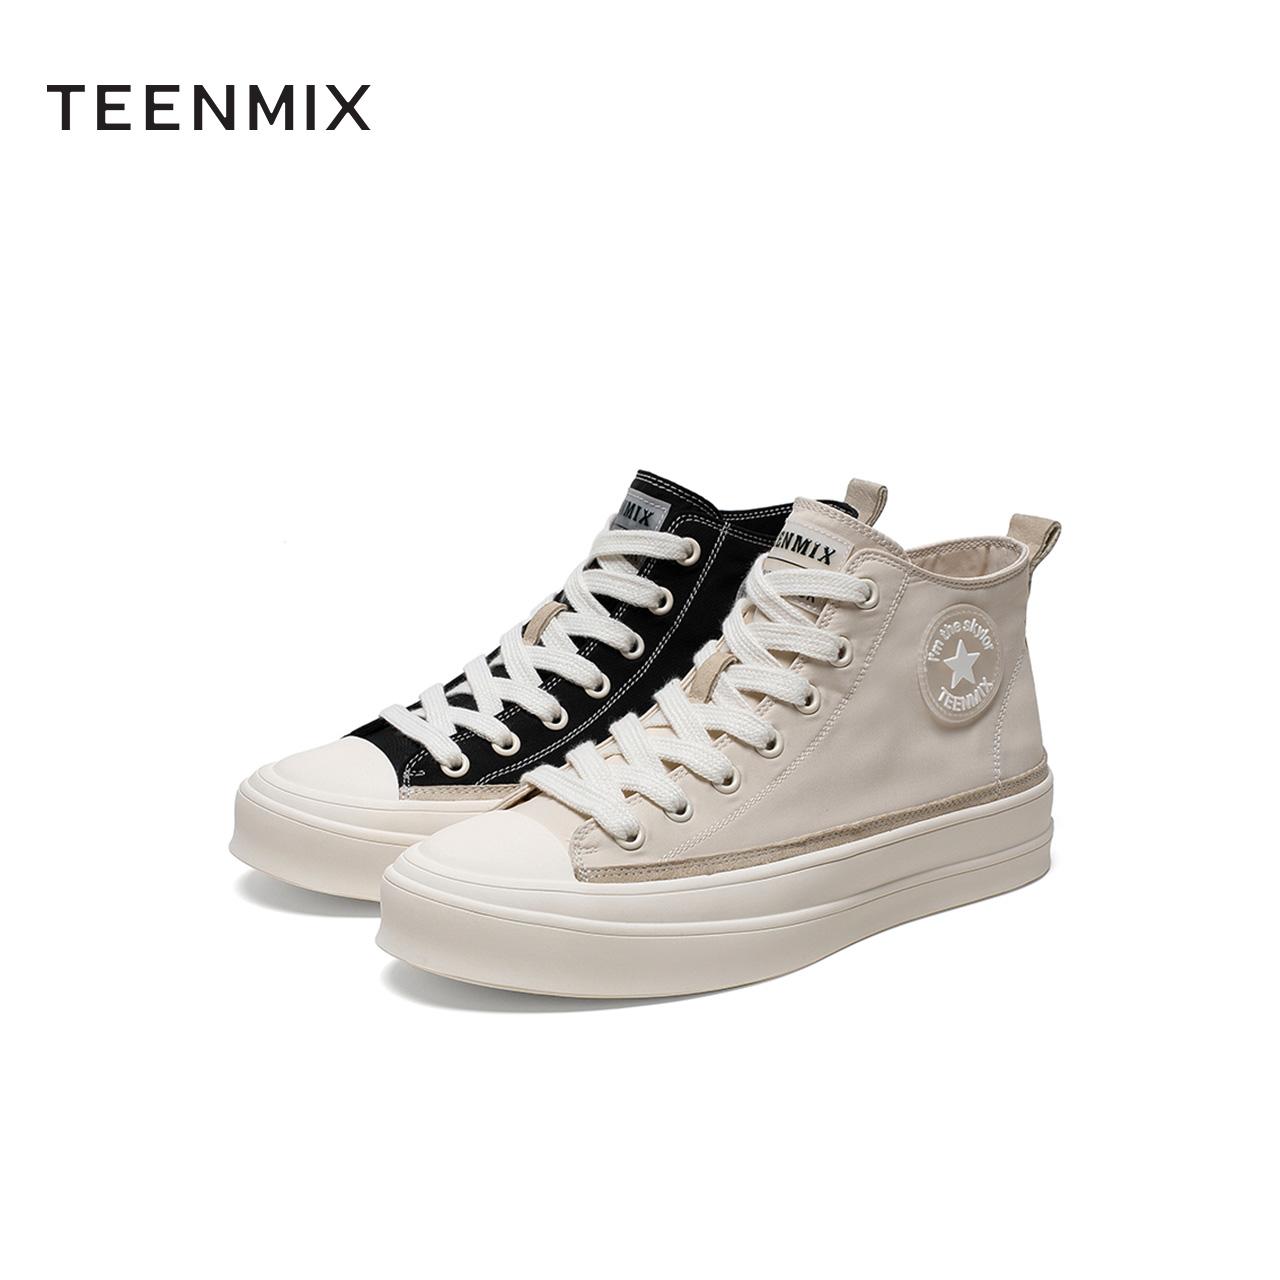 AX561CD0 秋新款商场同款学院风平底休闲靴 2020 天美意高帮帆布鞋女